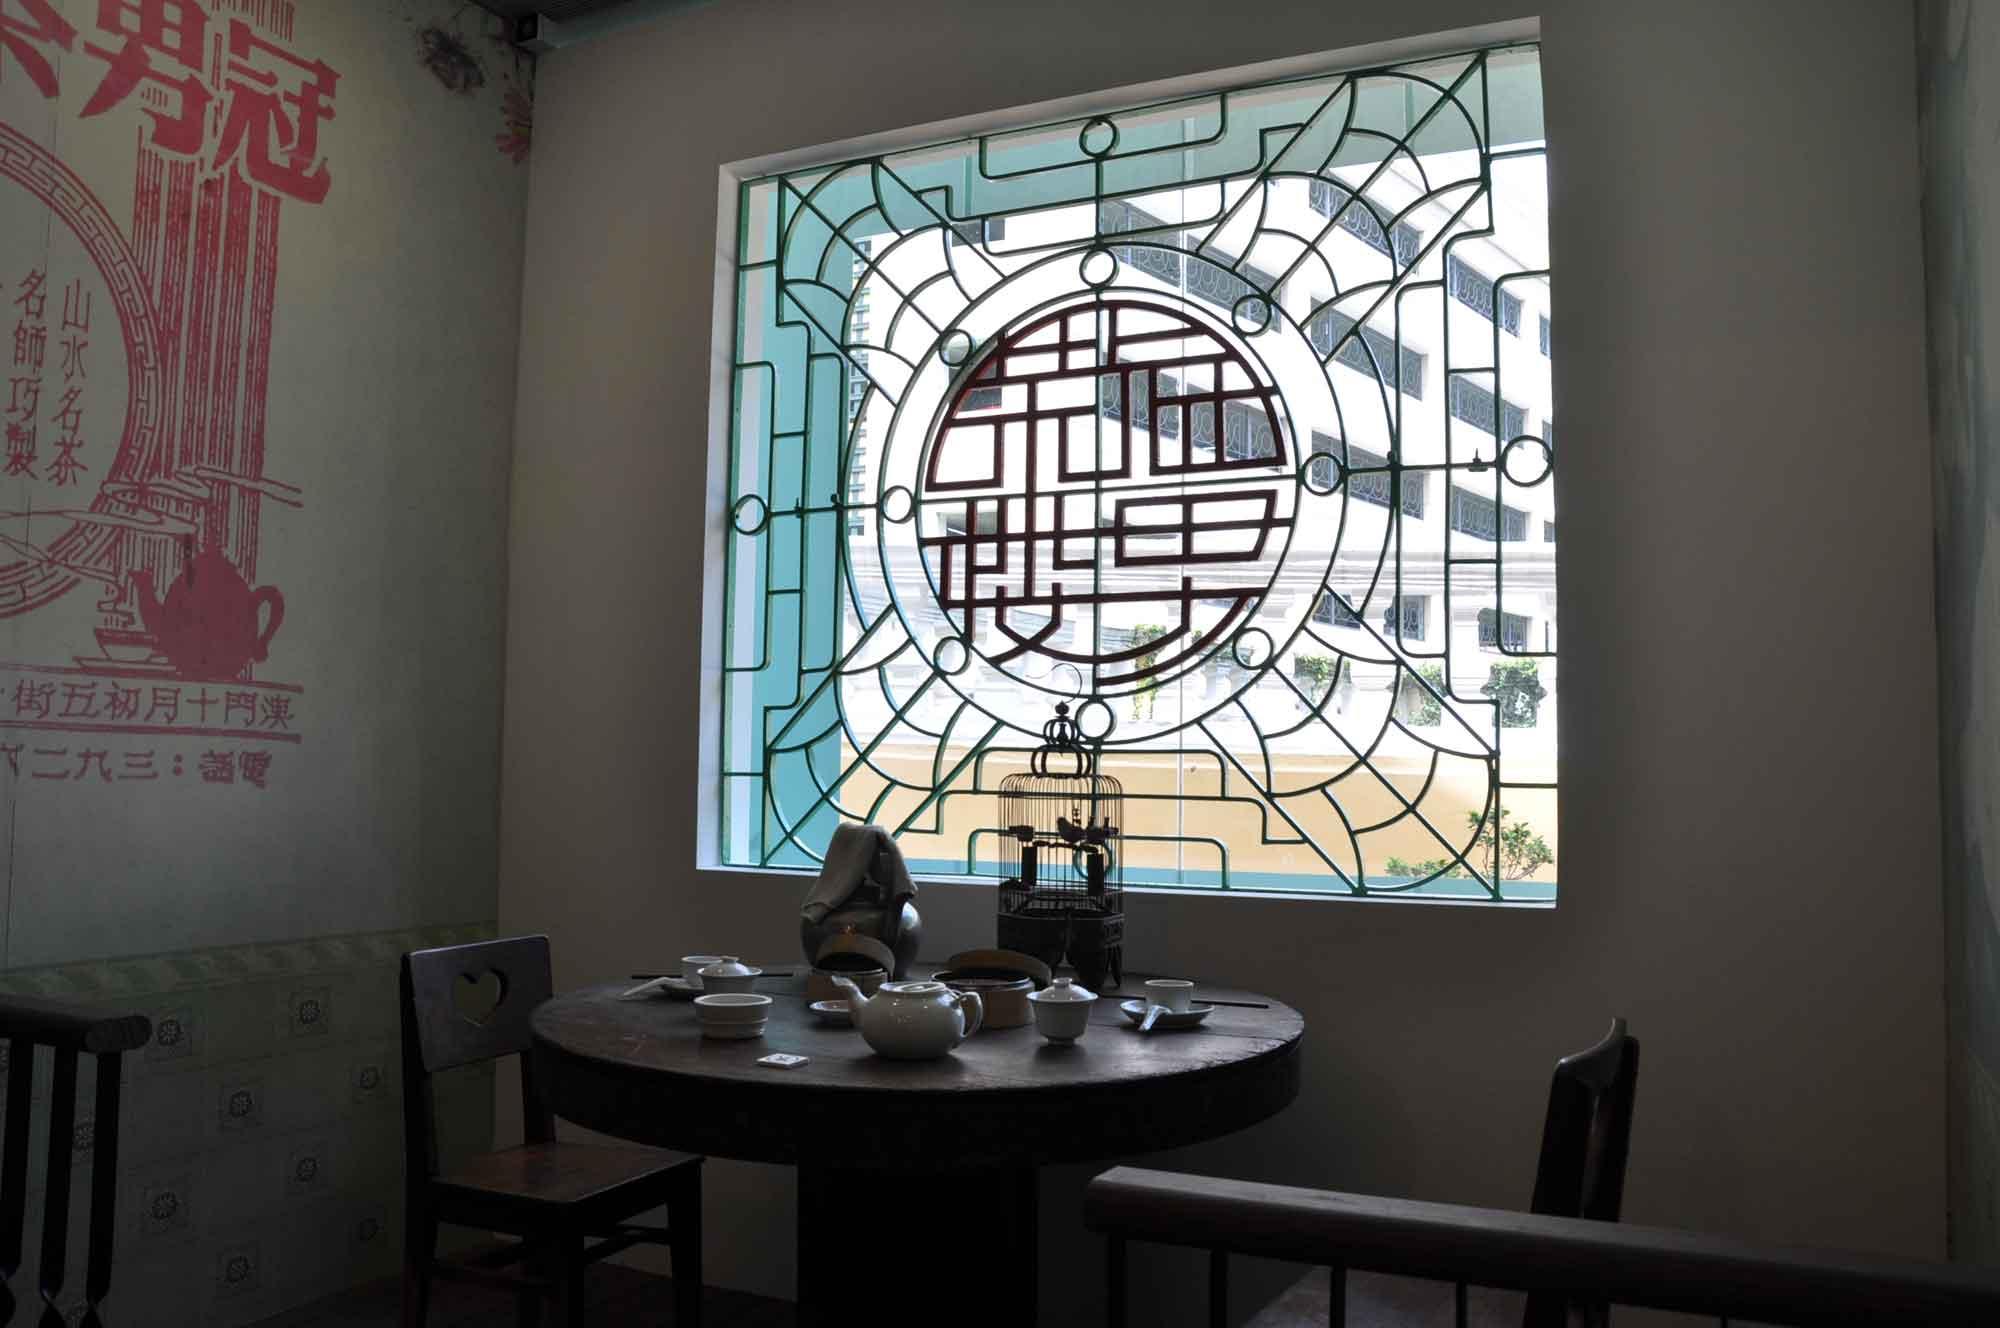 Macau Tea and Culture House window and tea set